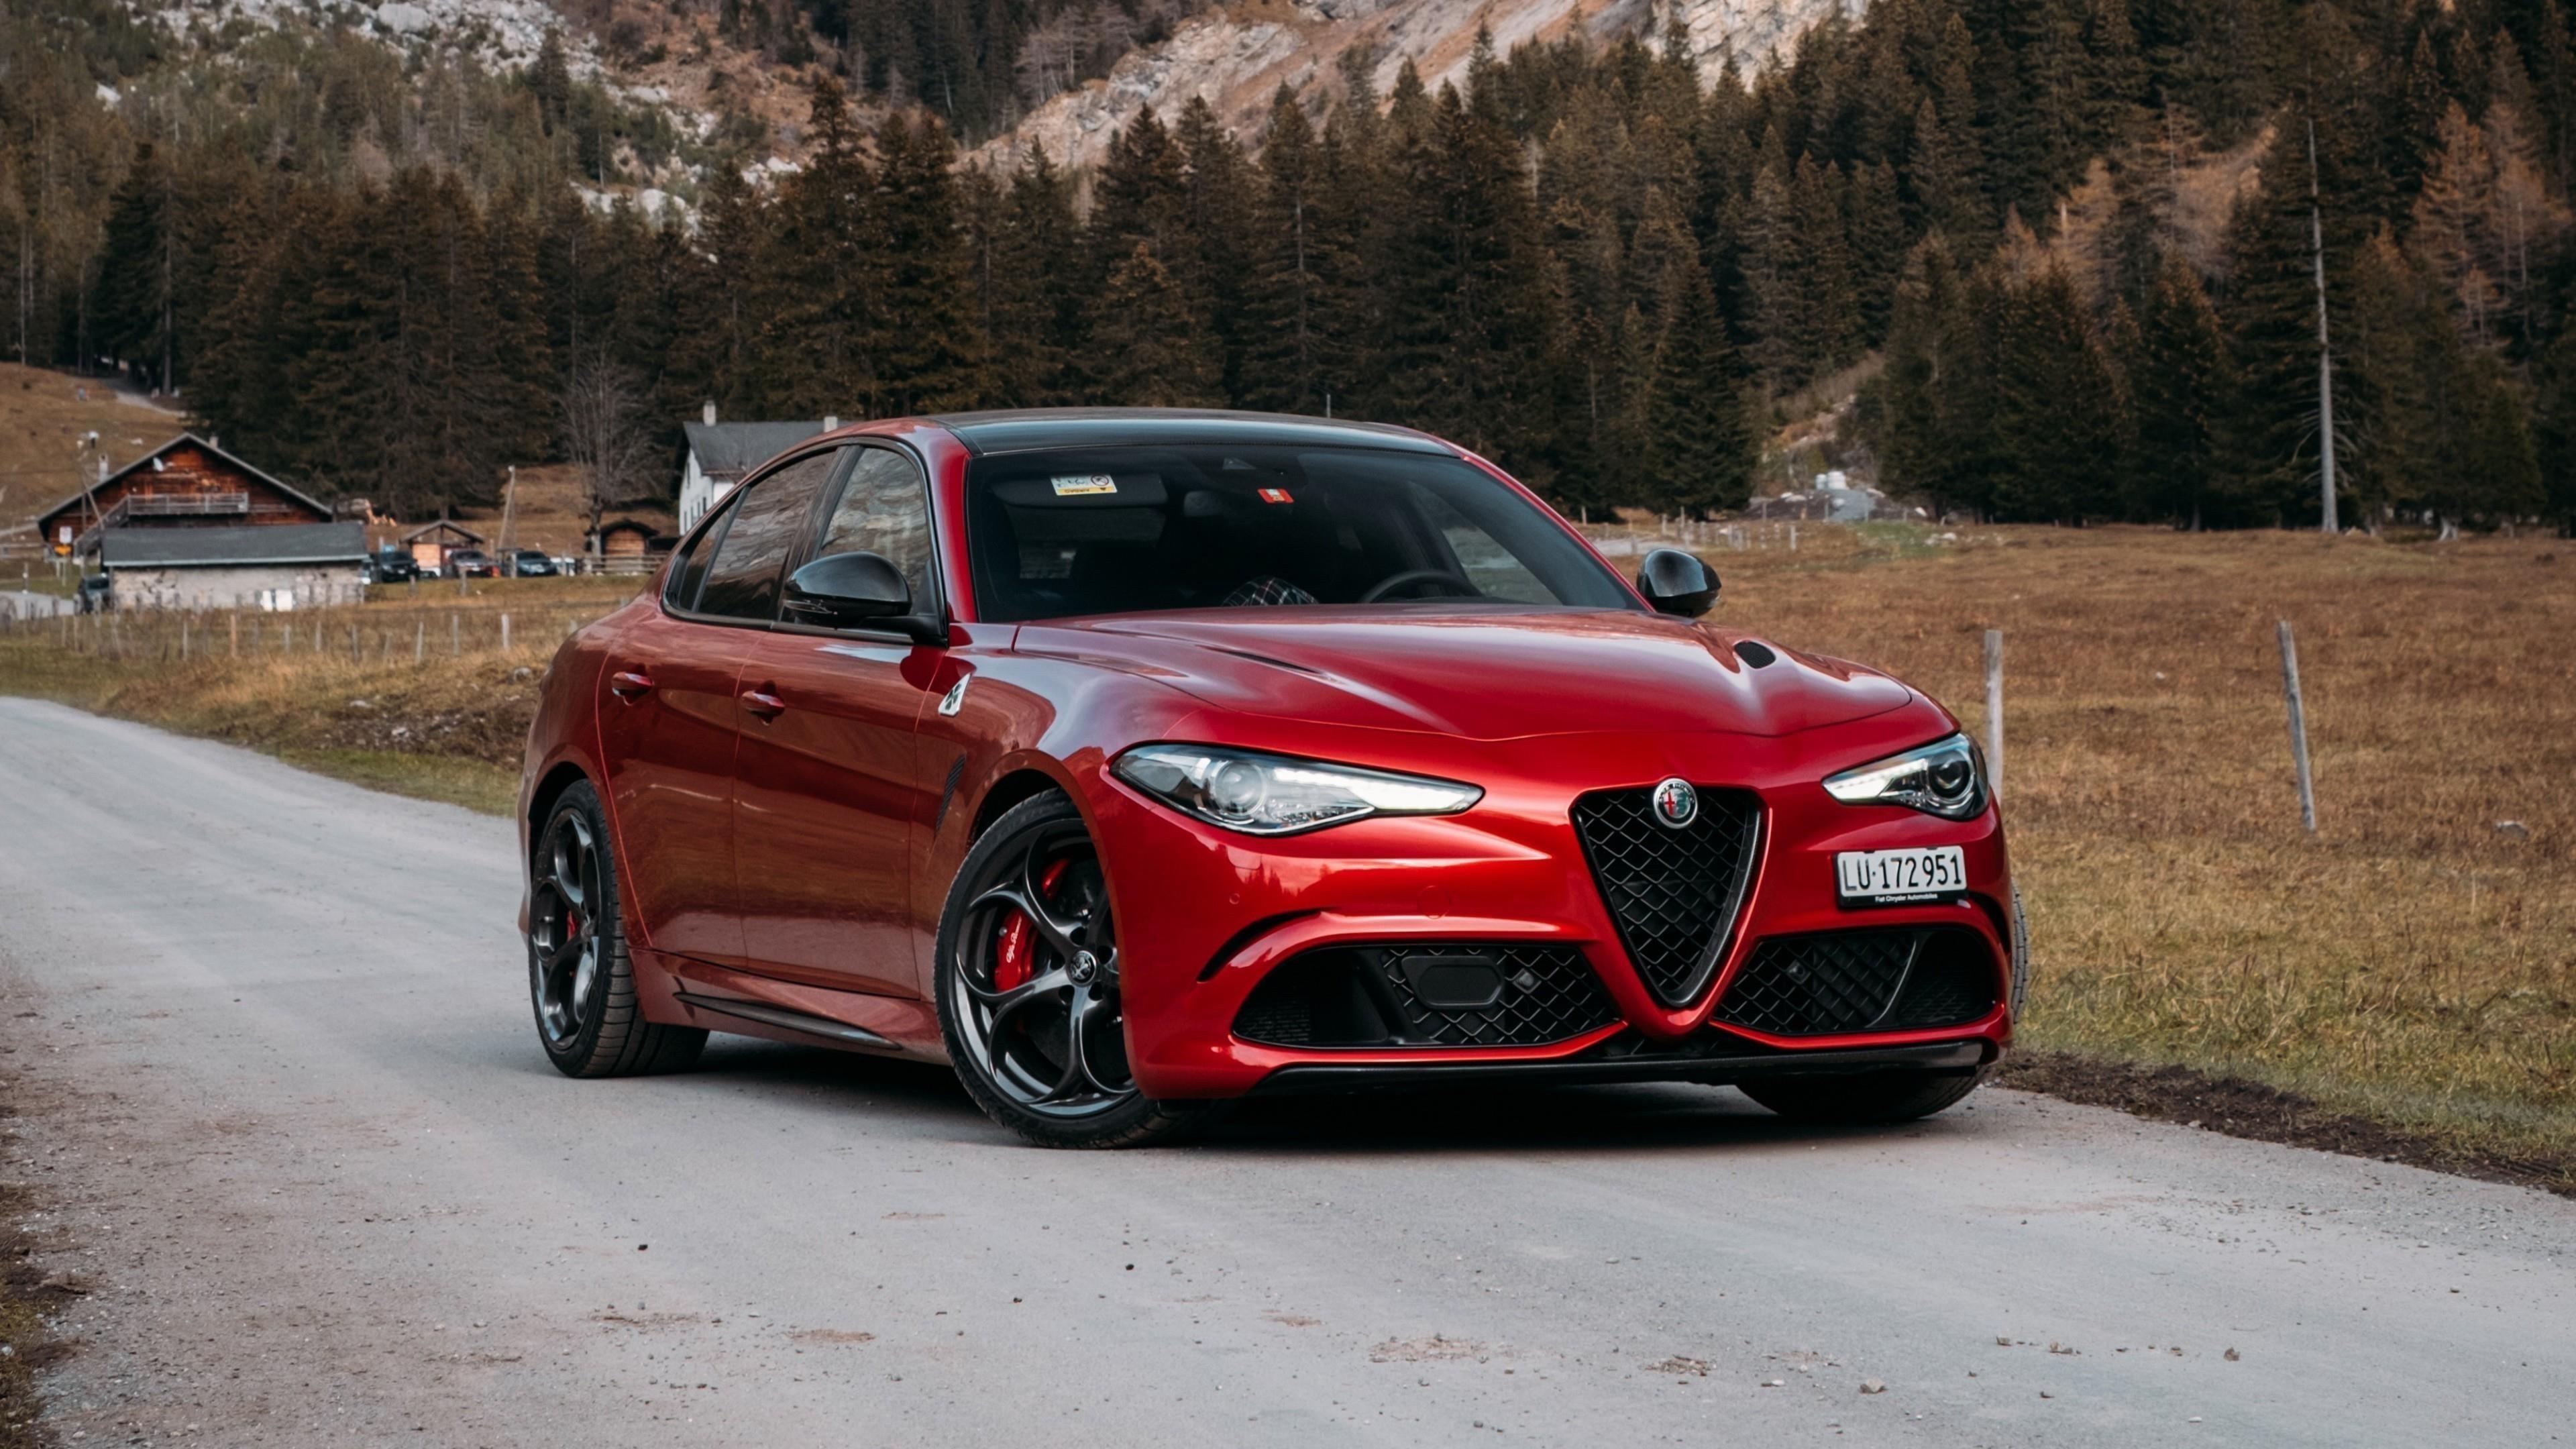 Alfa romeo giulia quadrifoglio 2021 автомобили обои скачать